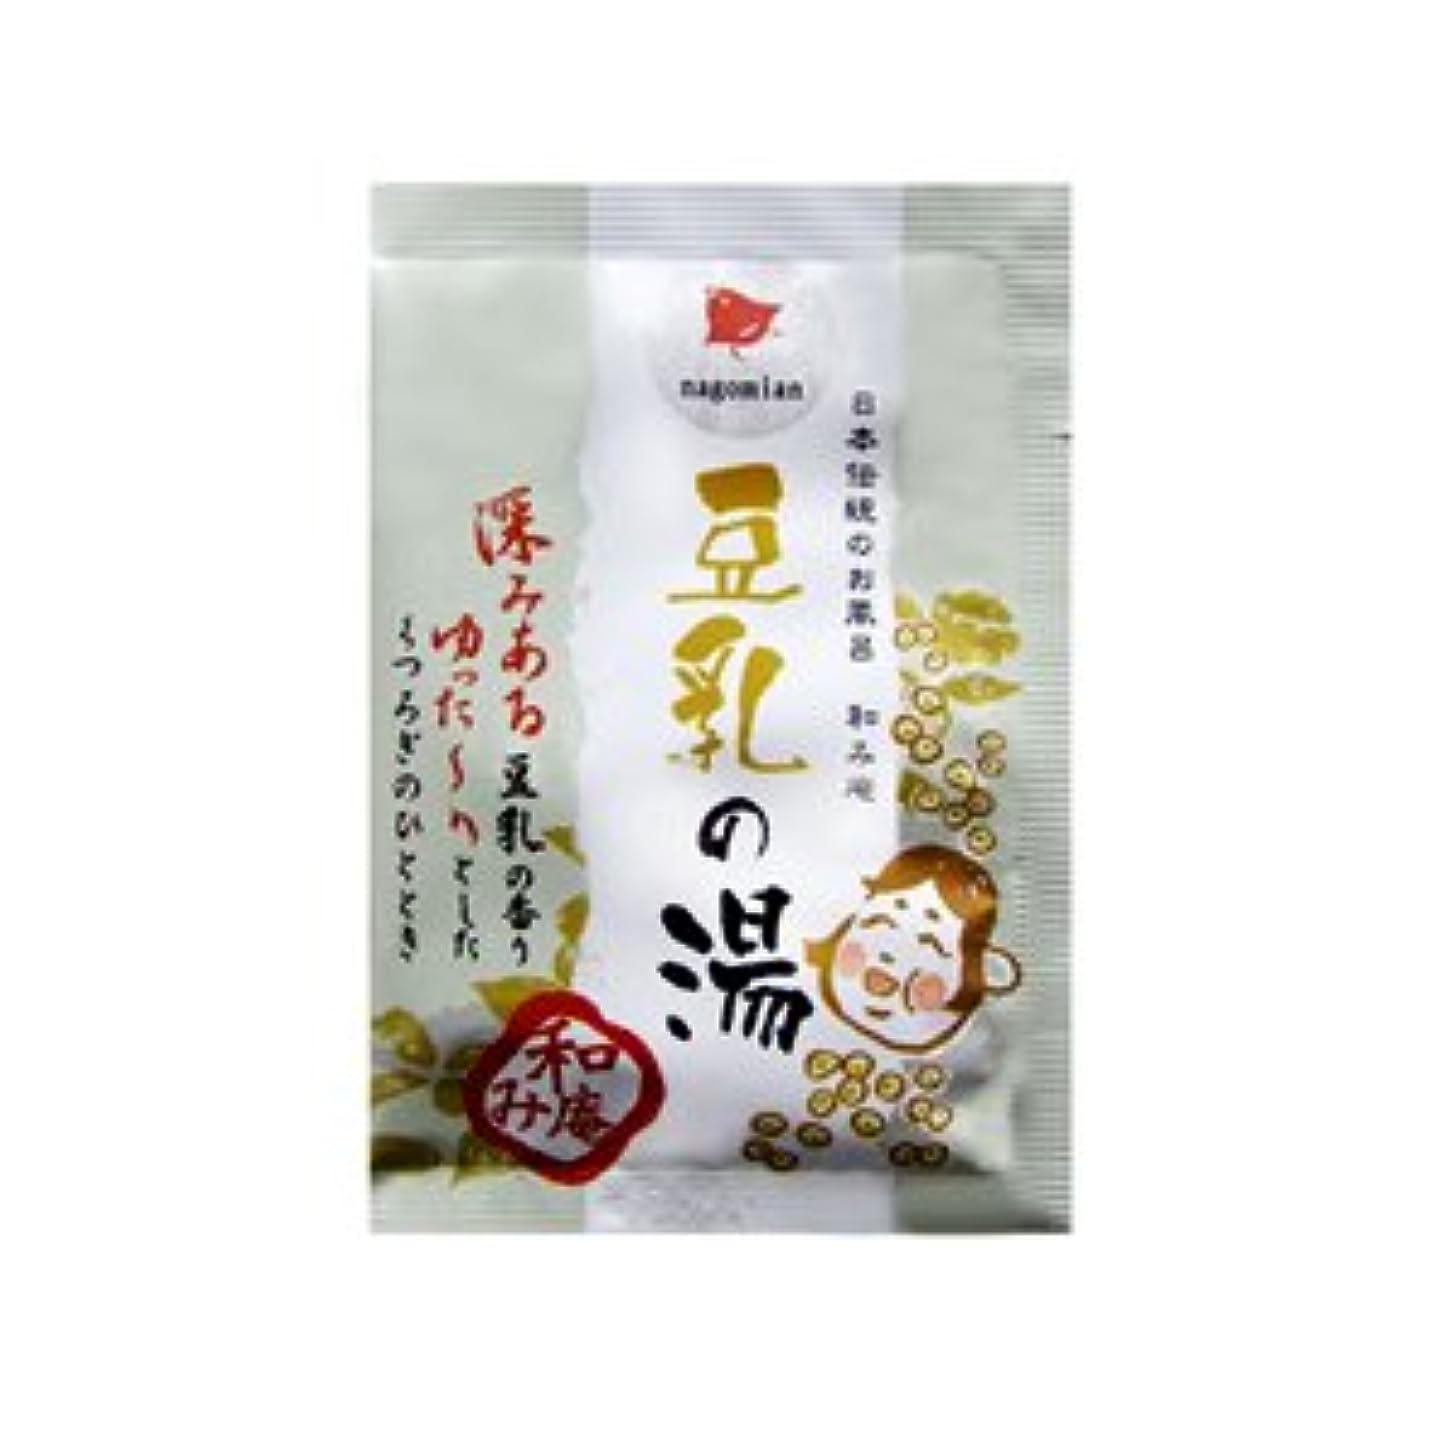 人に関する限り悪化する権限を与える日本伝統のお風呂 和み庵 豆乳の湯 25g 5個セット